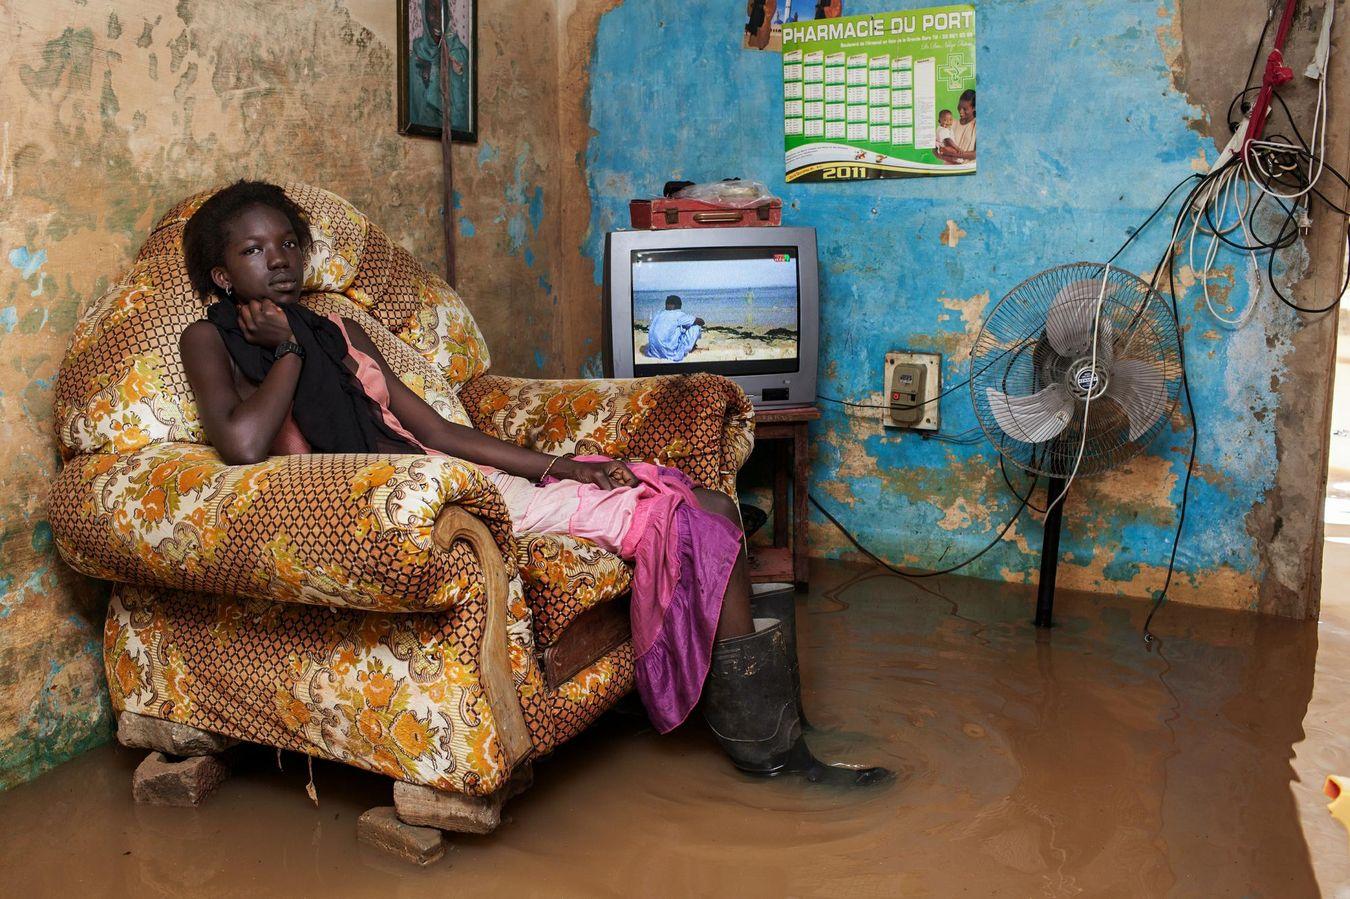 A Dakar, le changement climatique fait son lit